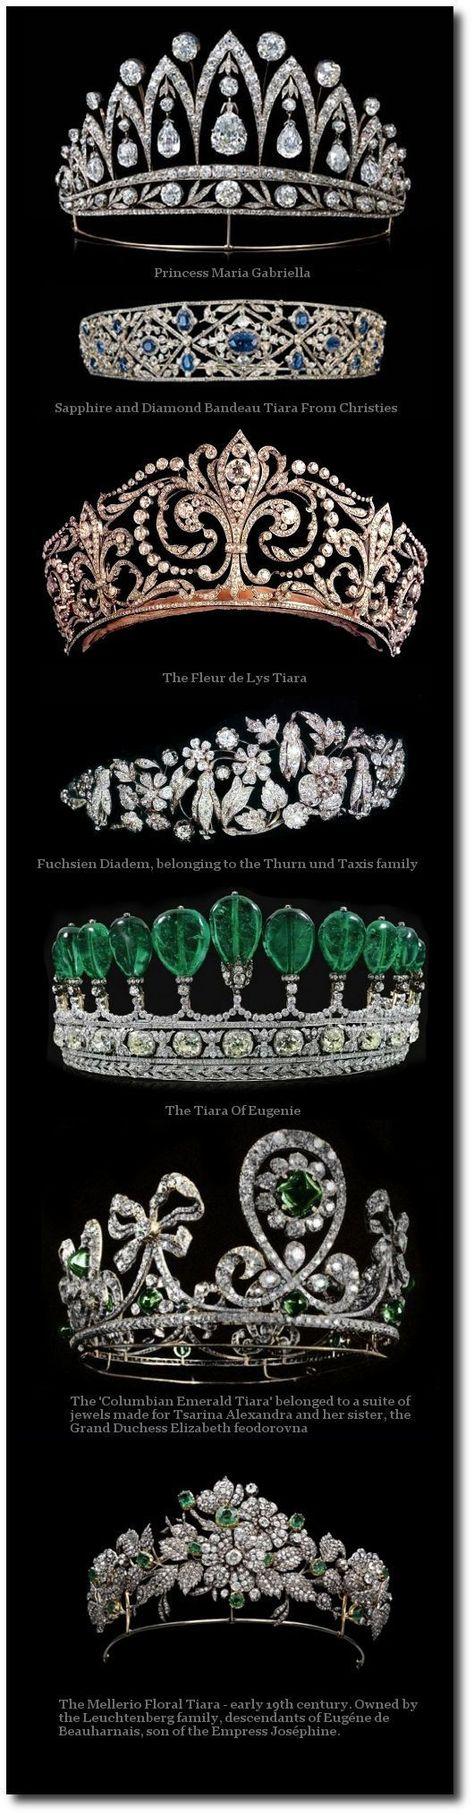 Das Smaragd-Tiara (viertes von oben) gehörte nicht der Kaiserin Eugenie. ICH...  The emerald tiara (fourth from the top) did not belong to the Empress Eugenie. I…   Das Smaragd-Tiara (viertes von oben) gehörte nicht der Kaiserin Eugenie. Es wurde für eine deutsche Prinzessin aus Steinen gemacht, die möglicherweise der Kaiserin gehörten.   #Das #der #Eugenie #gehörte #ich #Kaiserin #nicht #oben #SmaragdTiara #viertes #von